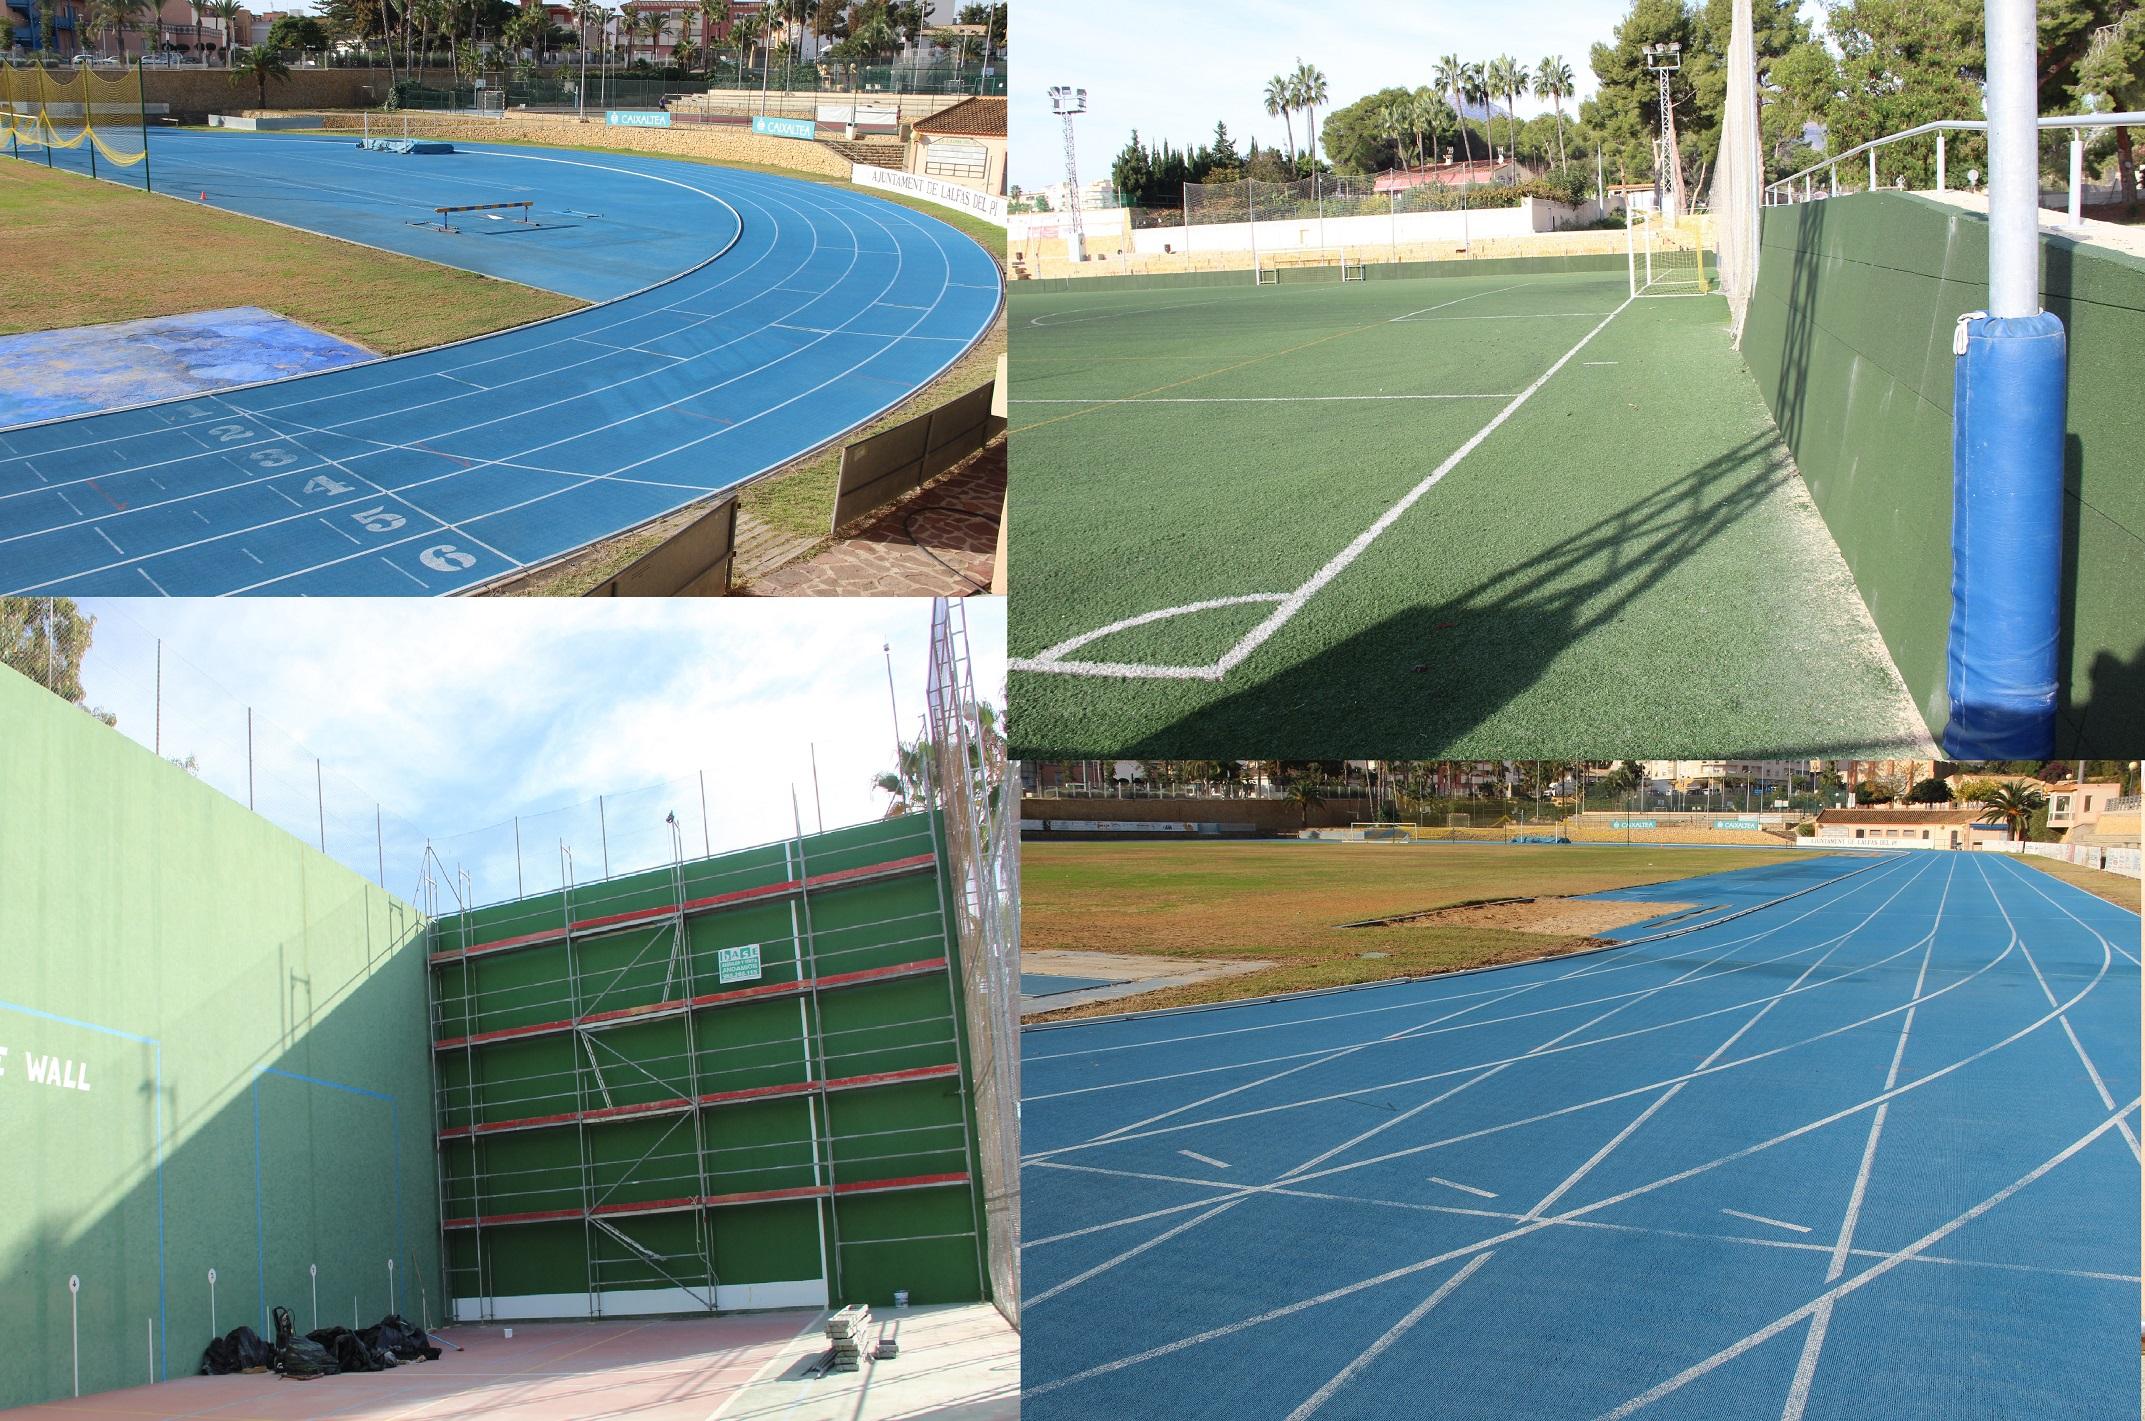 Las obras de mejora promovidas por la concejalía de deportes en el polideportivo concluyen hoy .